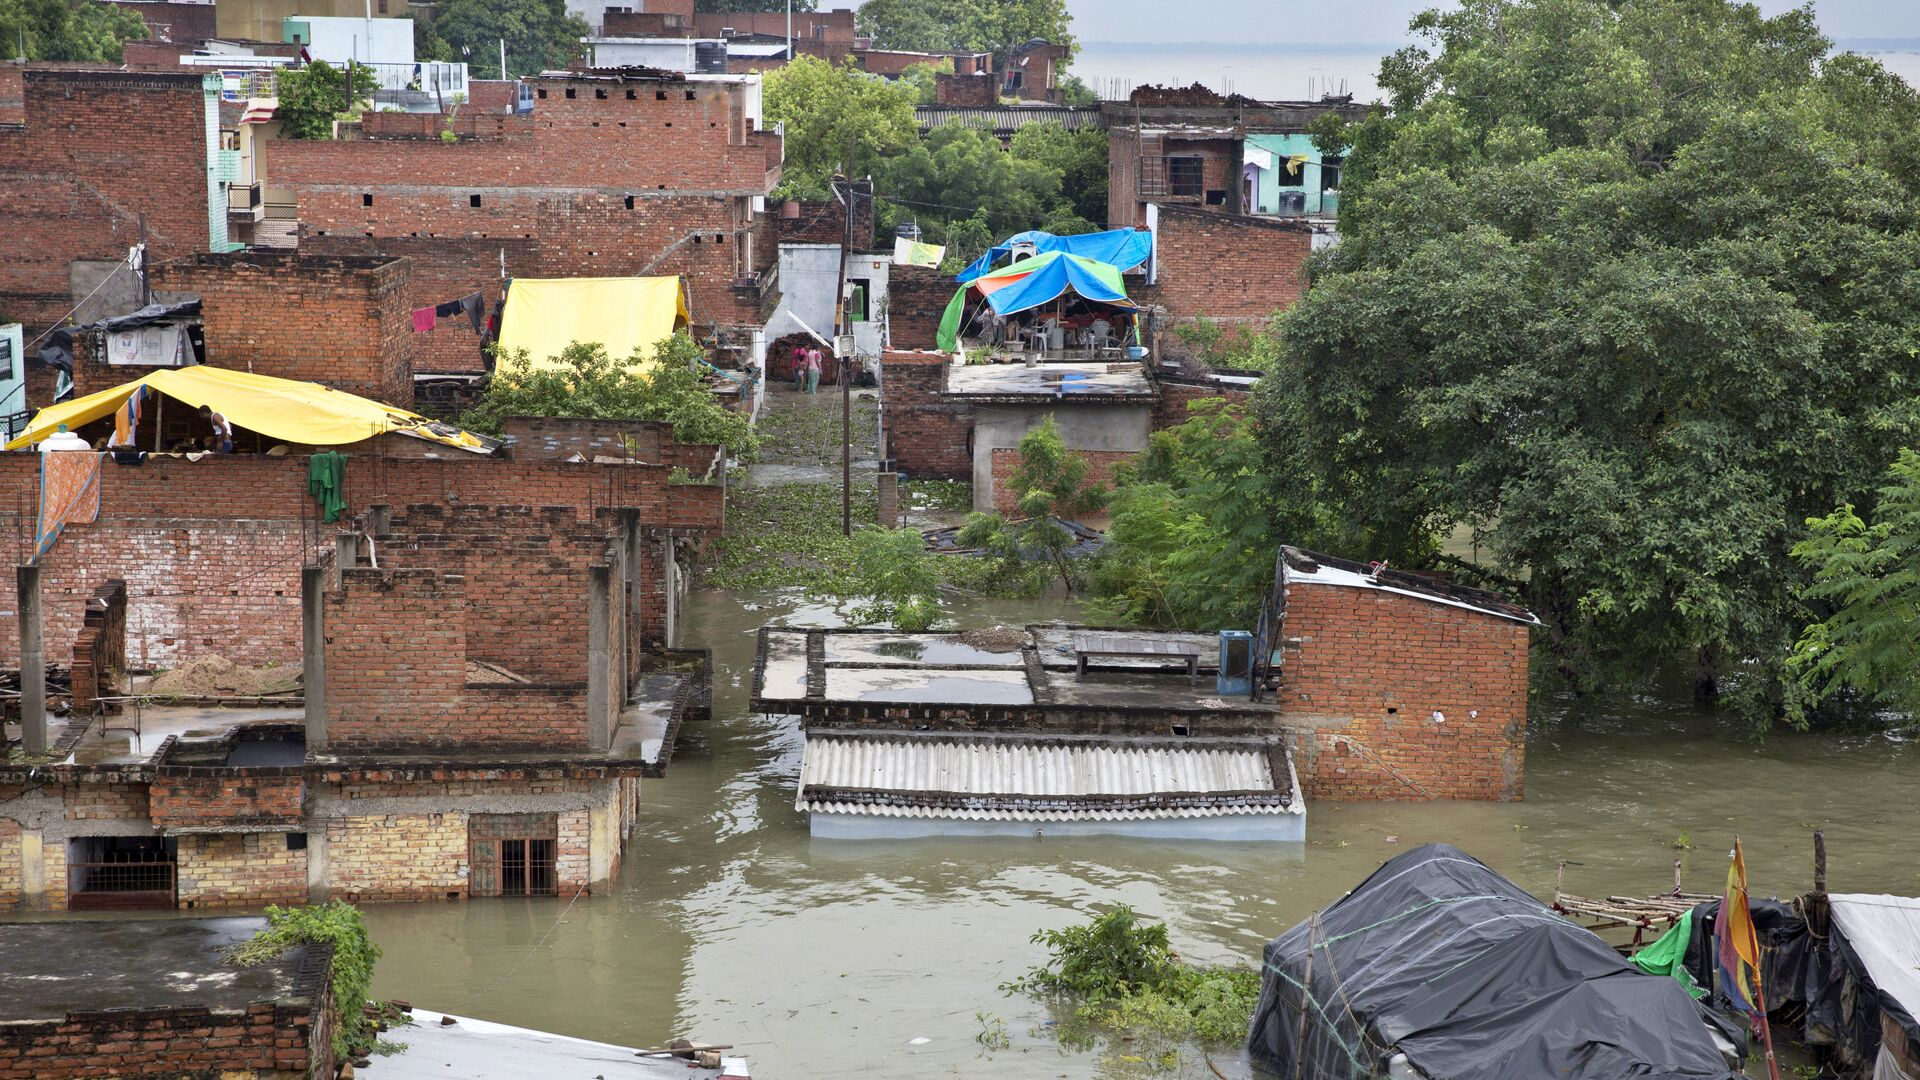 Затопленные дома в Аллахабаде, Индия - РИА Новости, 1920, 03.08.2021